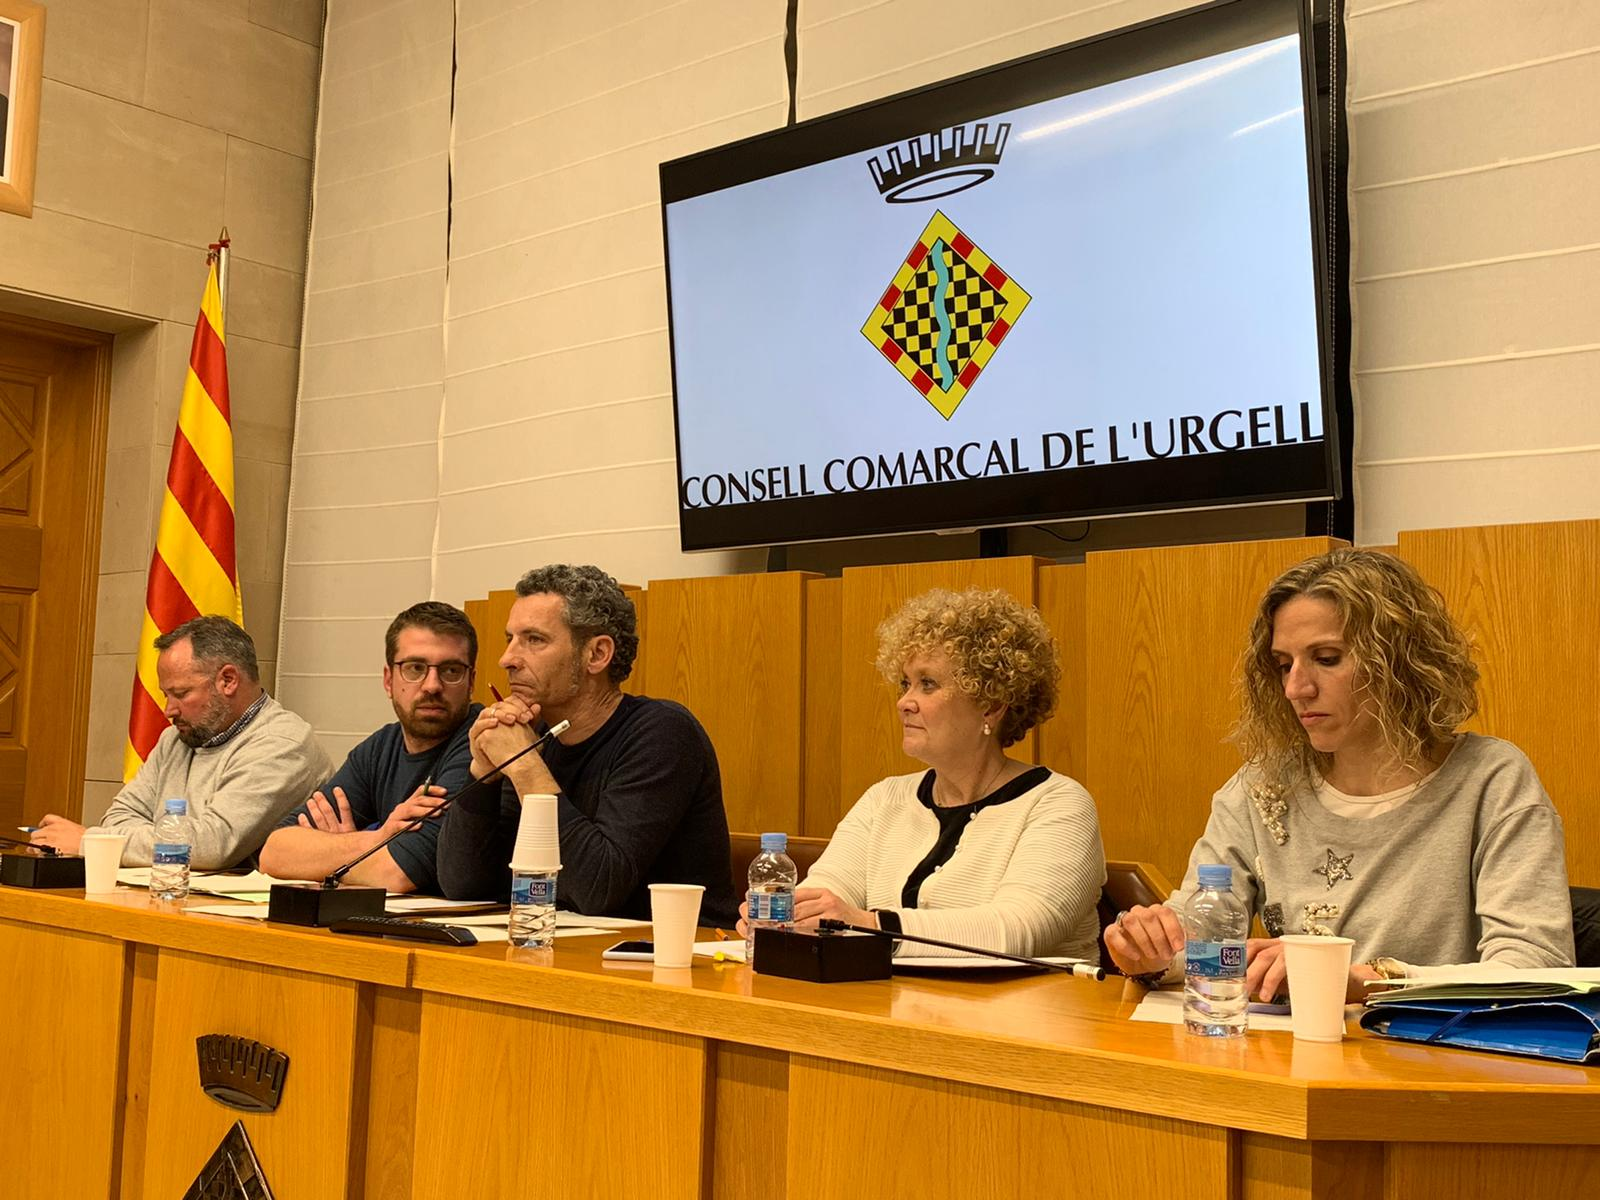 El Consell Comarcal de l'Urgell aprova un pressupost de 5.719.657 euros per a l'exercici 2020